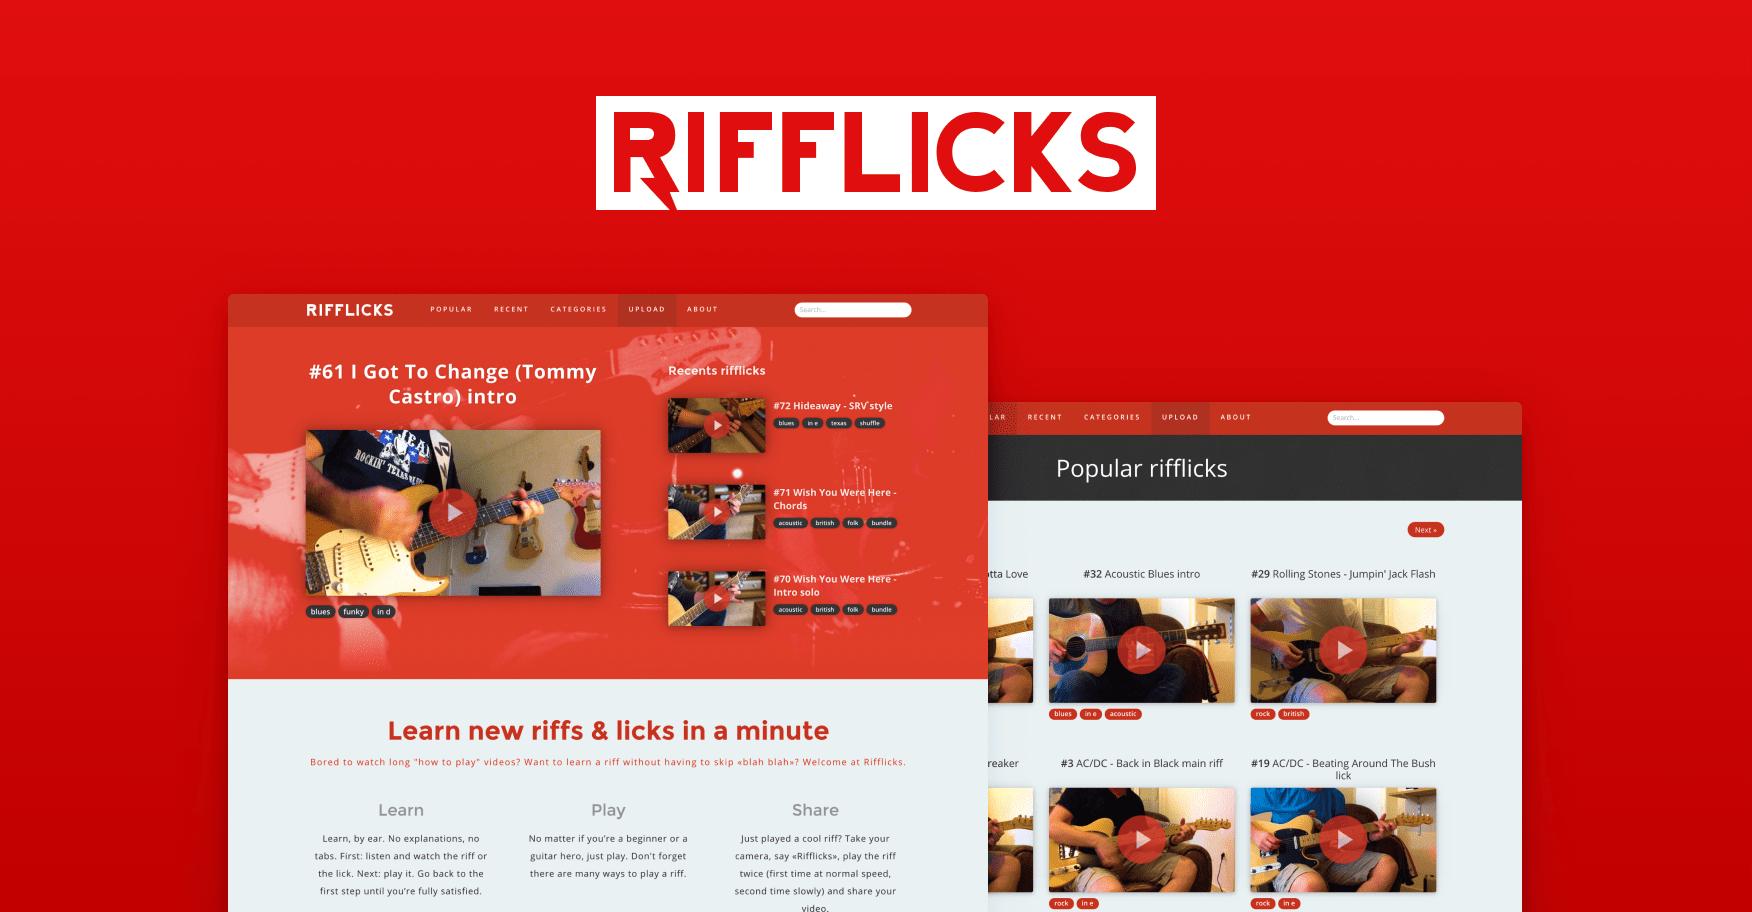 Rifflicks